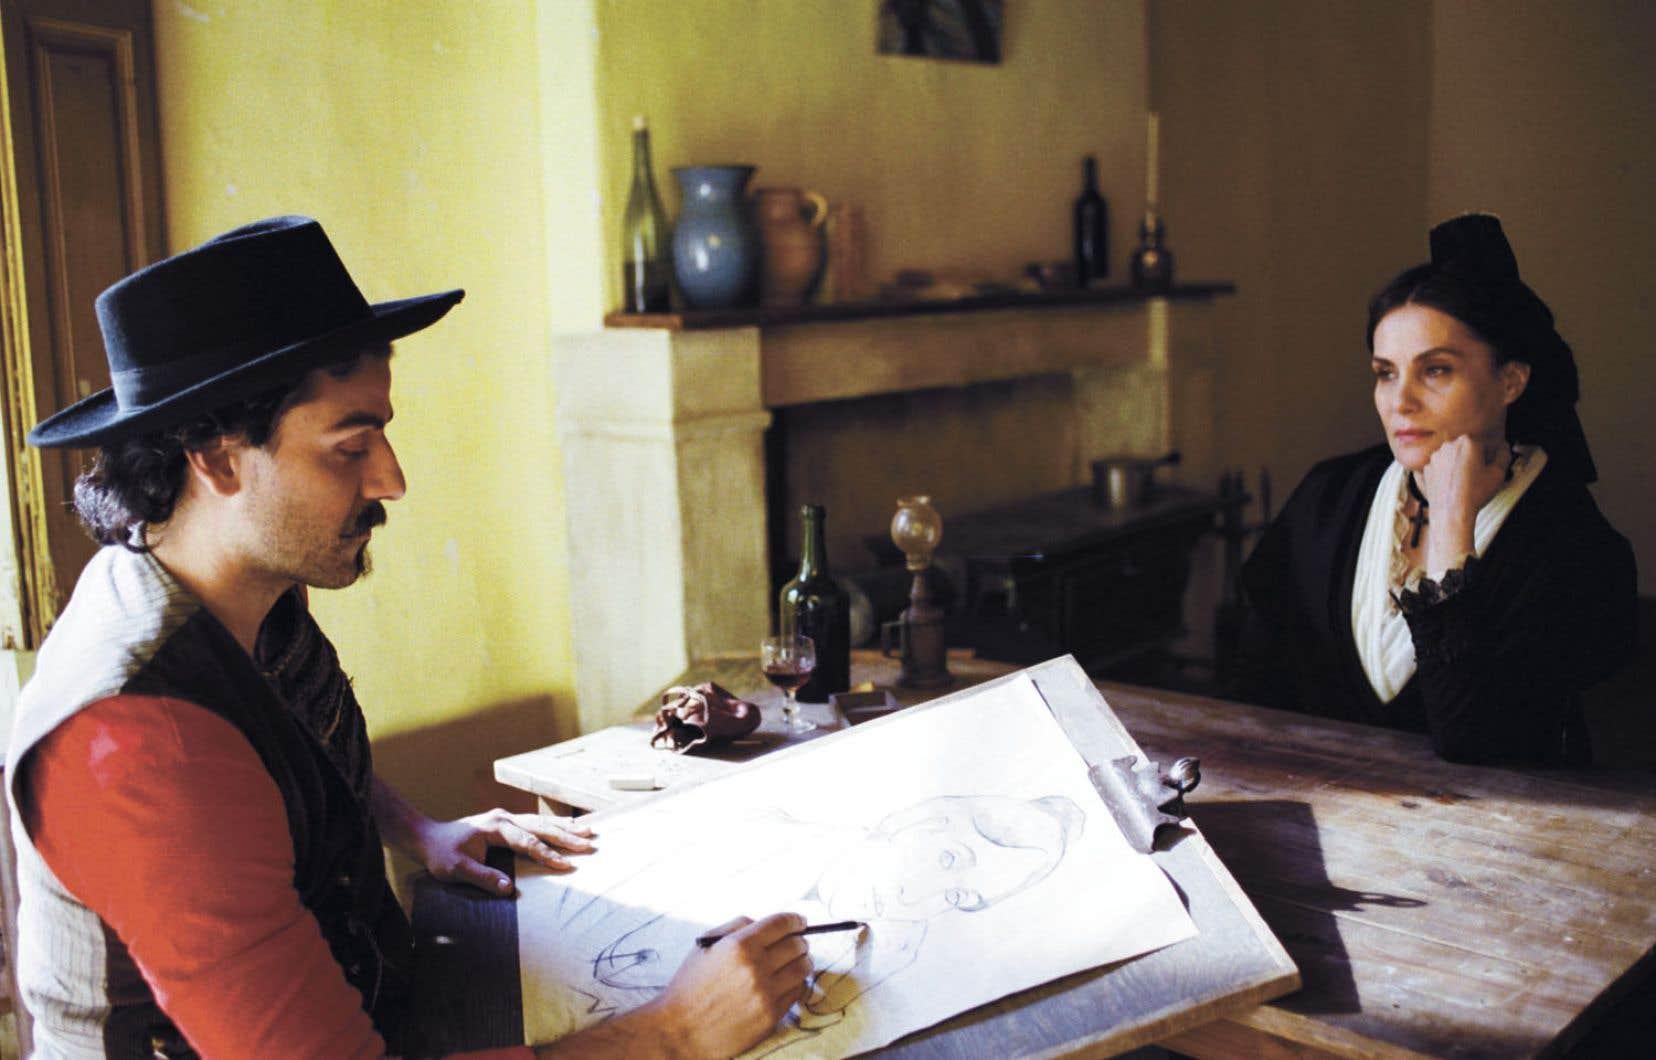 Même lorsqu'elle se fait objective et qu'elle observe Vincent dans le cadre, la caméra demeure comme branchée par un fil invisible à l'esprit troublé du peintre.